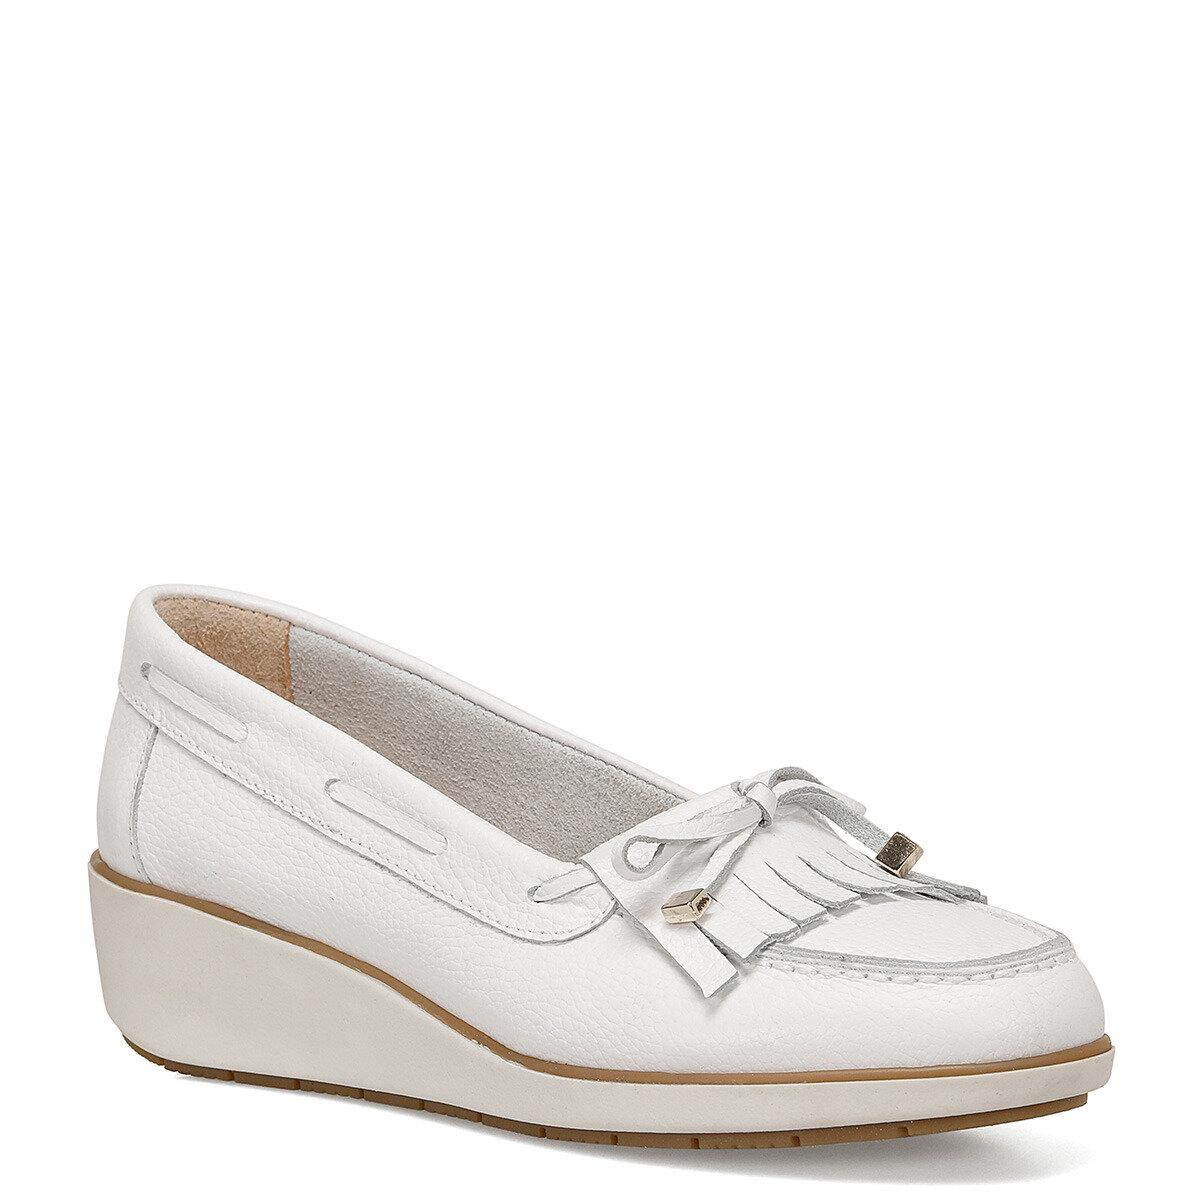 AGHA Beyaz Kadın Dolgu Topuk Ayakkabı